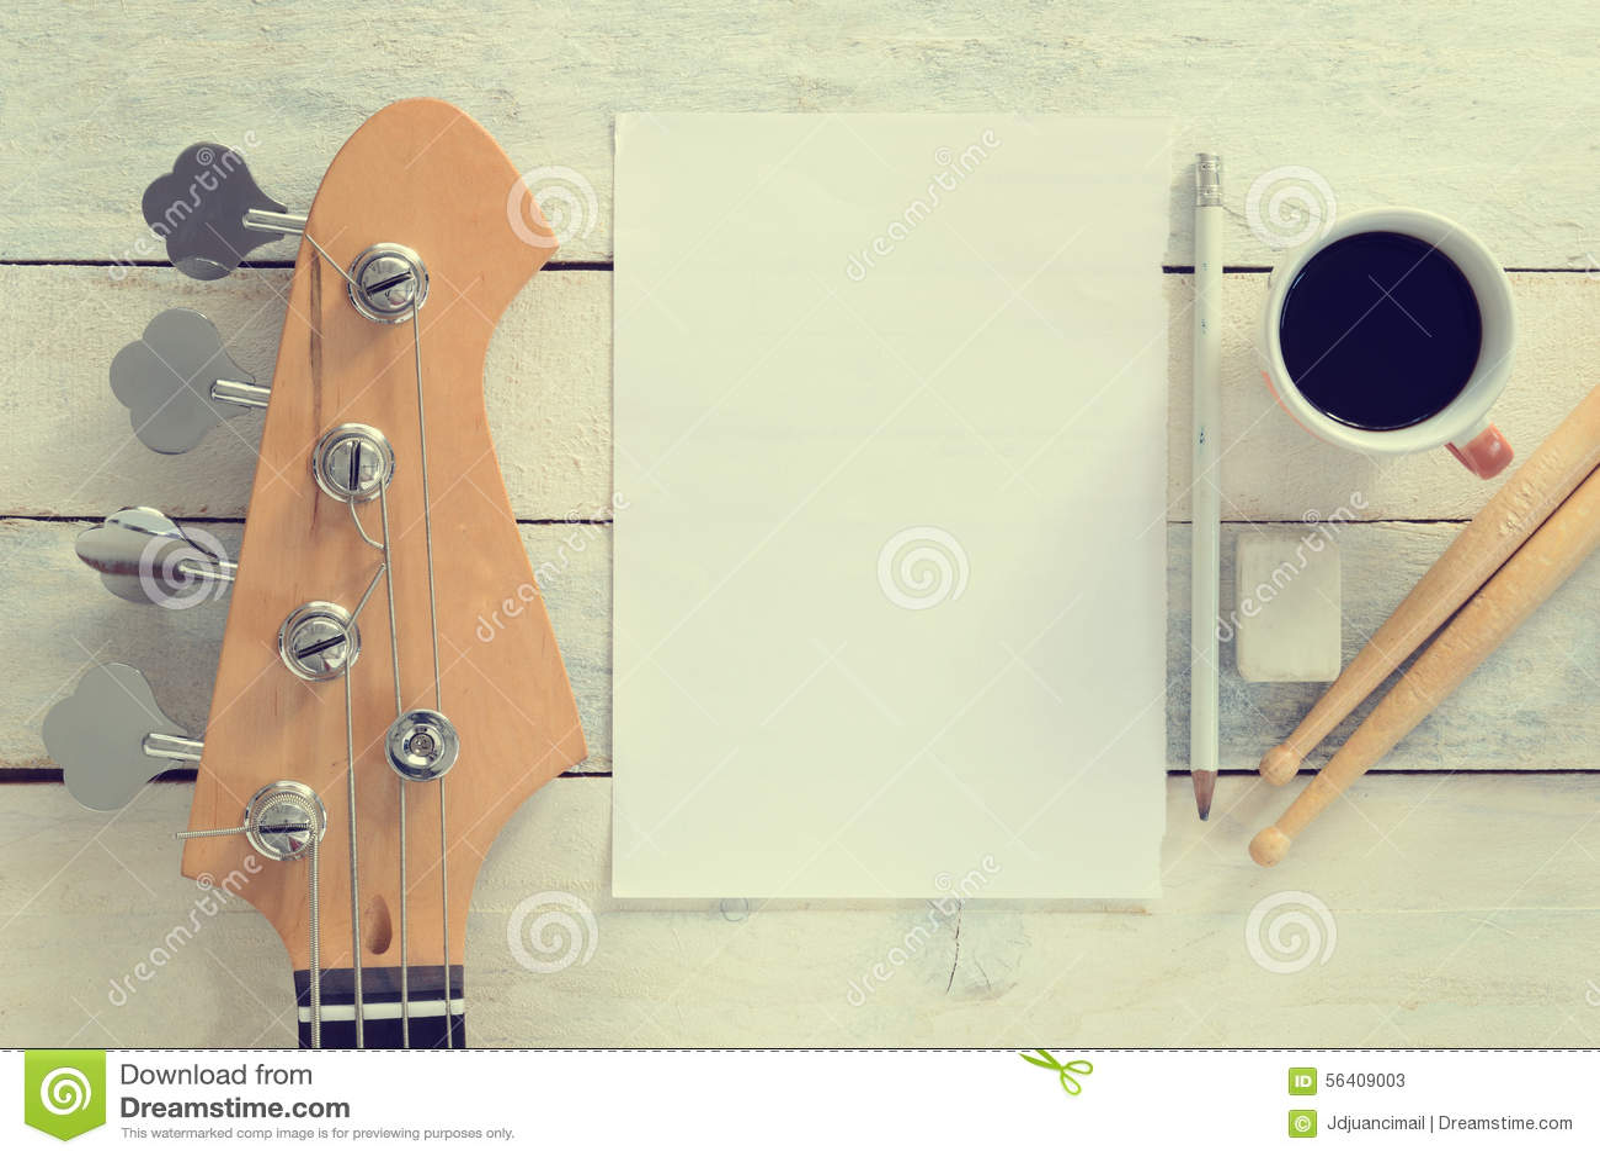 Composition de bureau de musicien inspiré guitare basse électrique